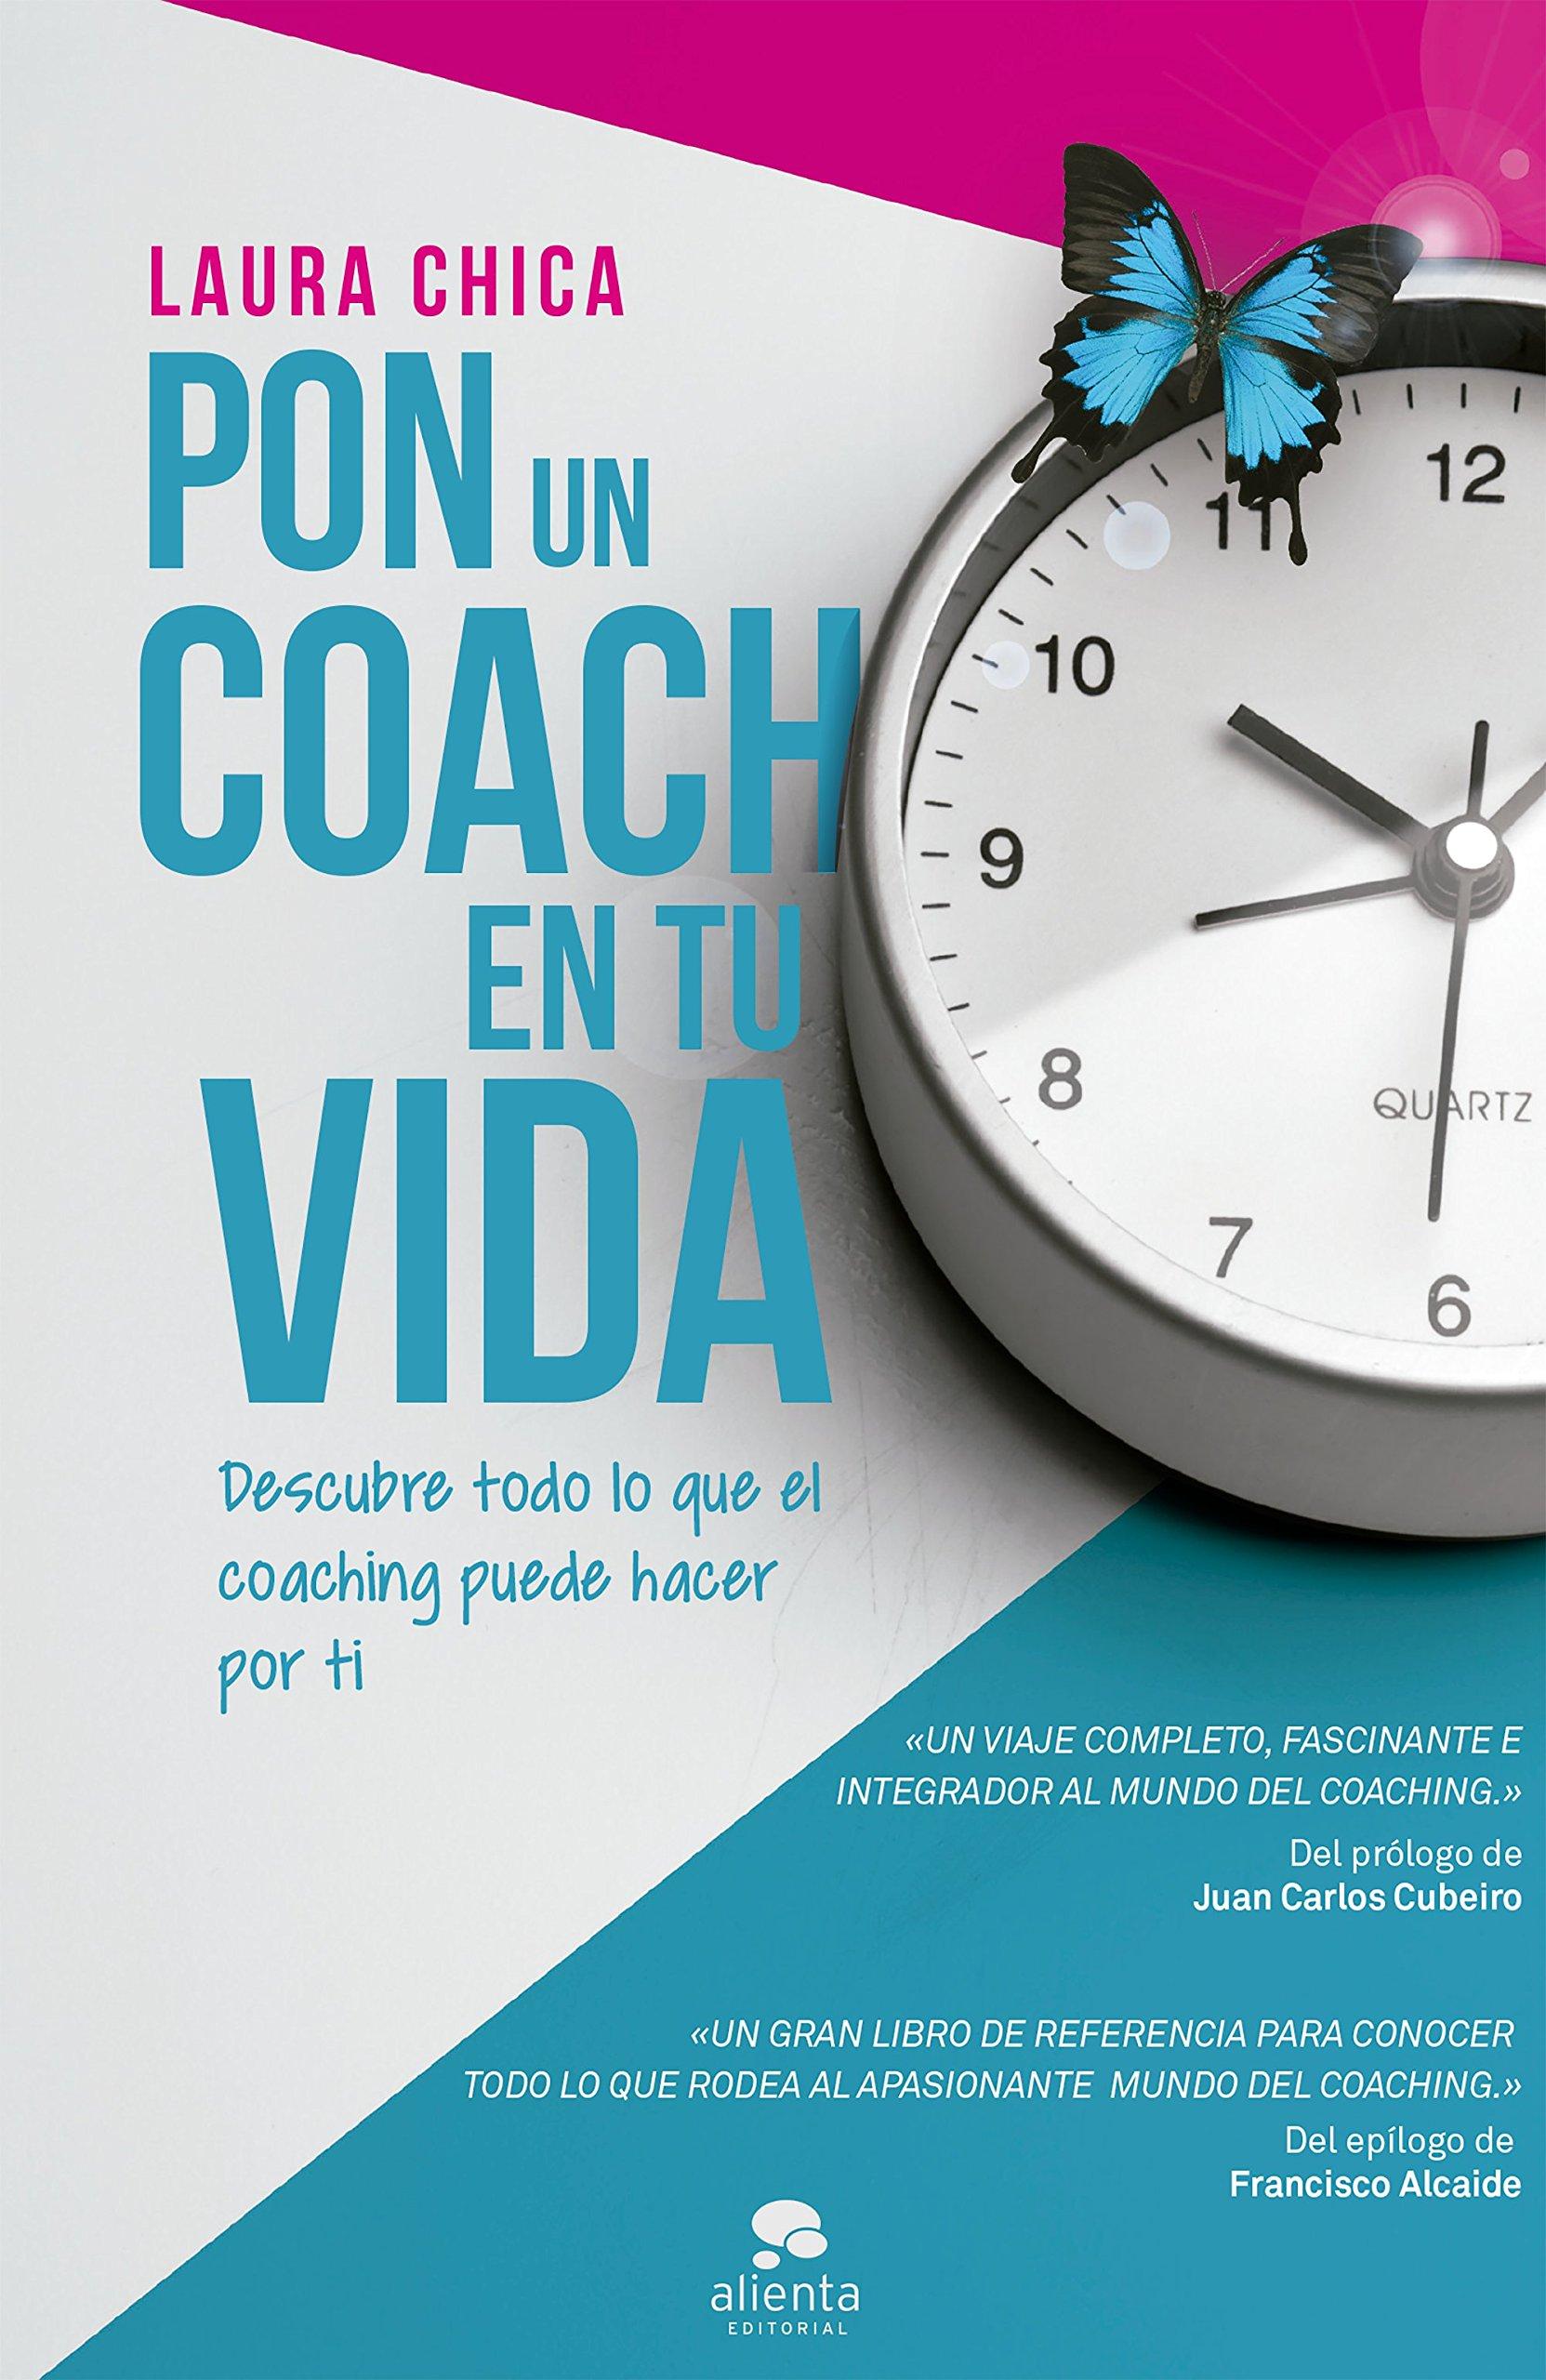 Pon un coach en tu vida: Descubre todo lo que el coaching puede hacer por  ti (COLECCION ALIENTA) : Chica, Laura: Amazon.es: Libros